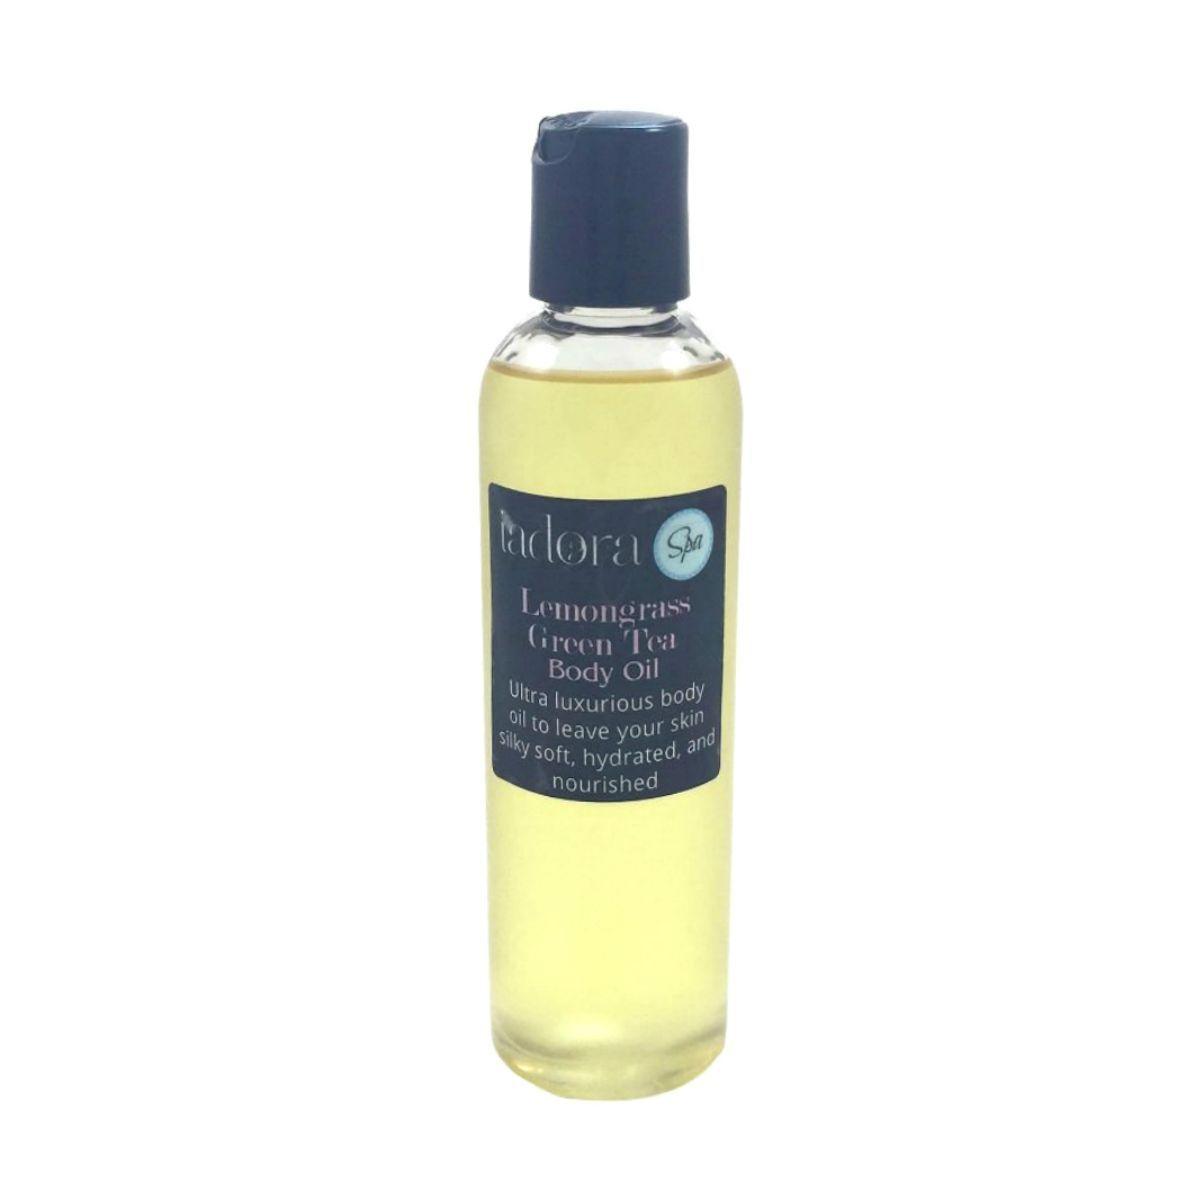 Lemongrass Green Tea Body Oil